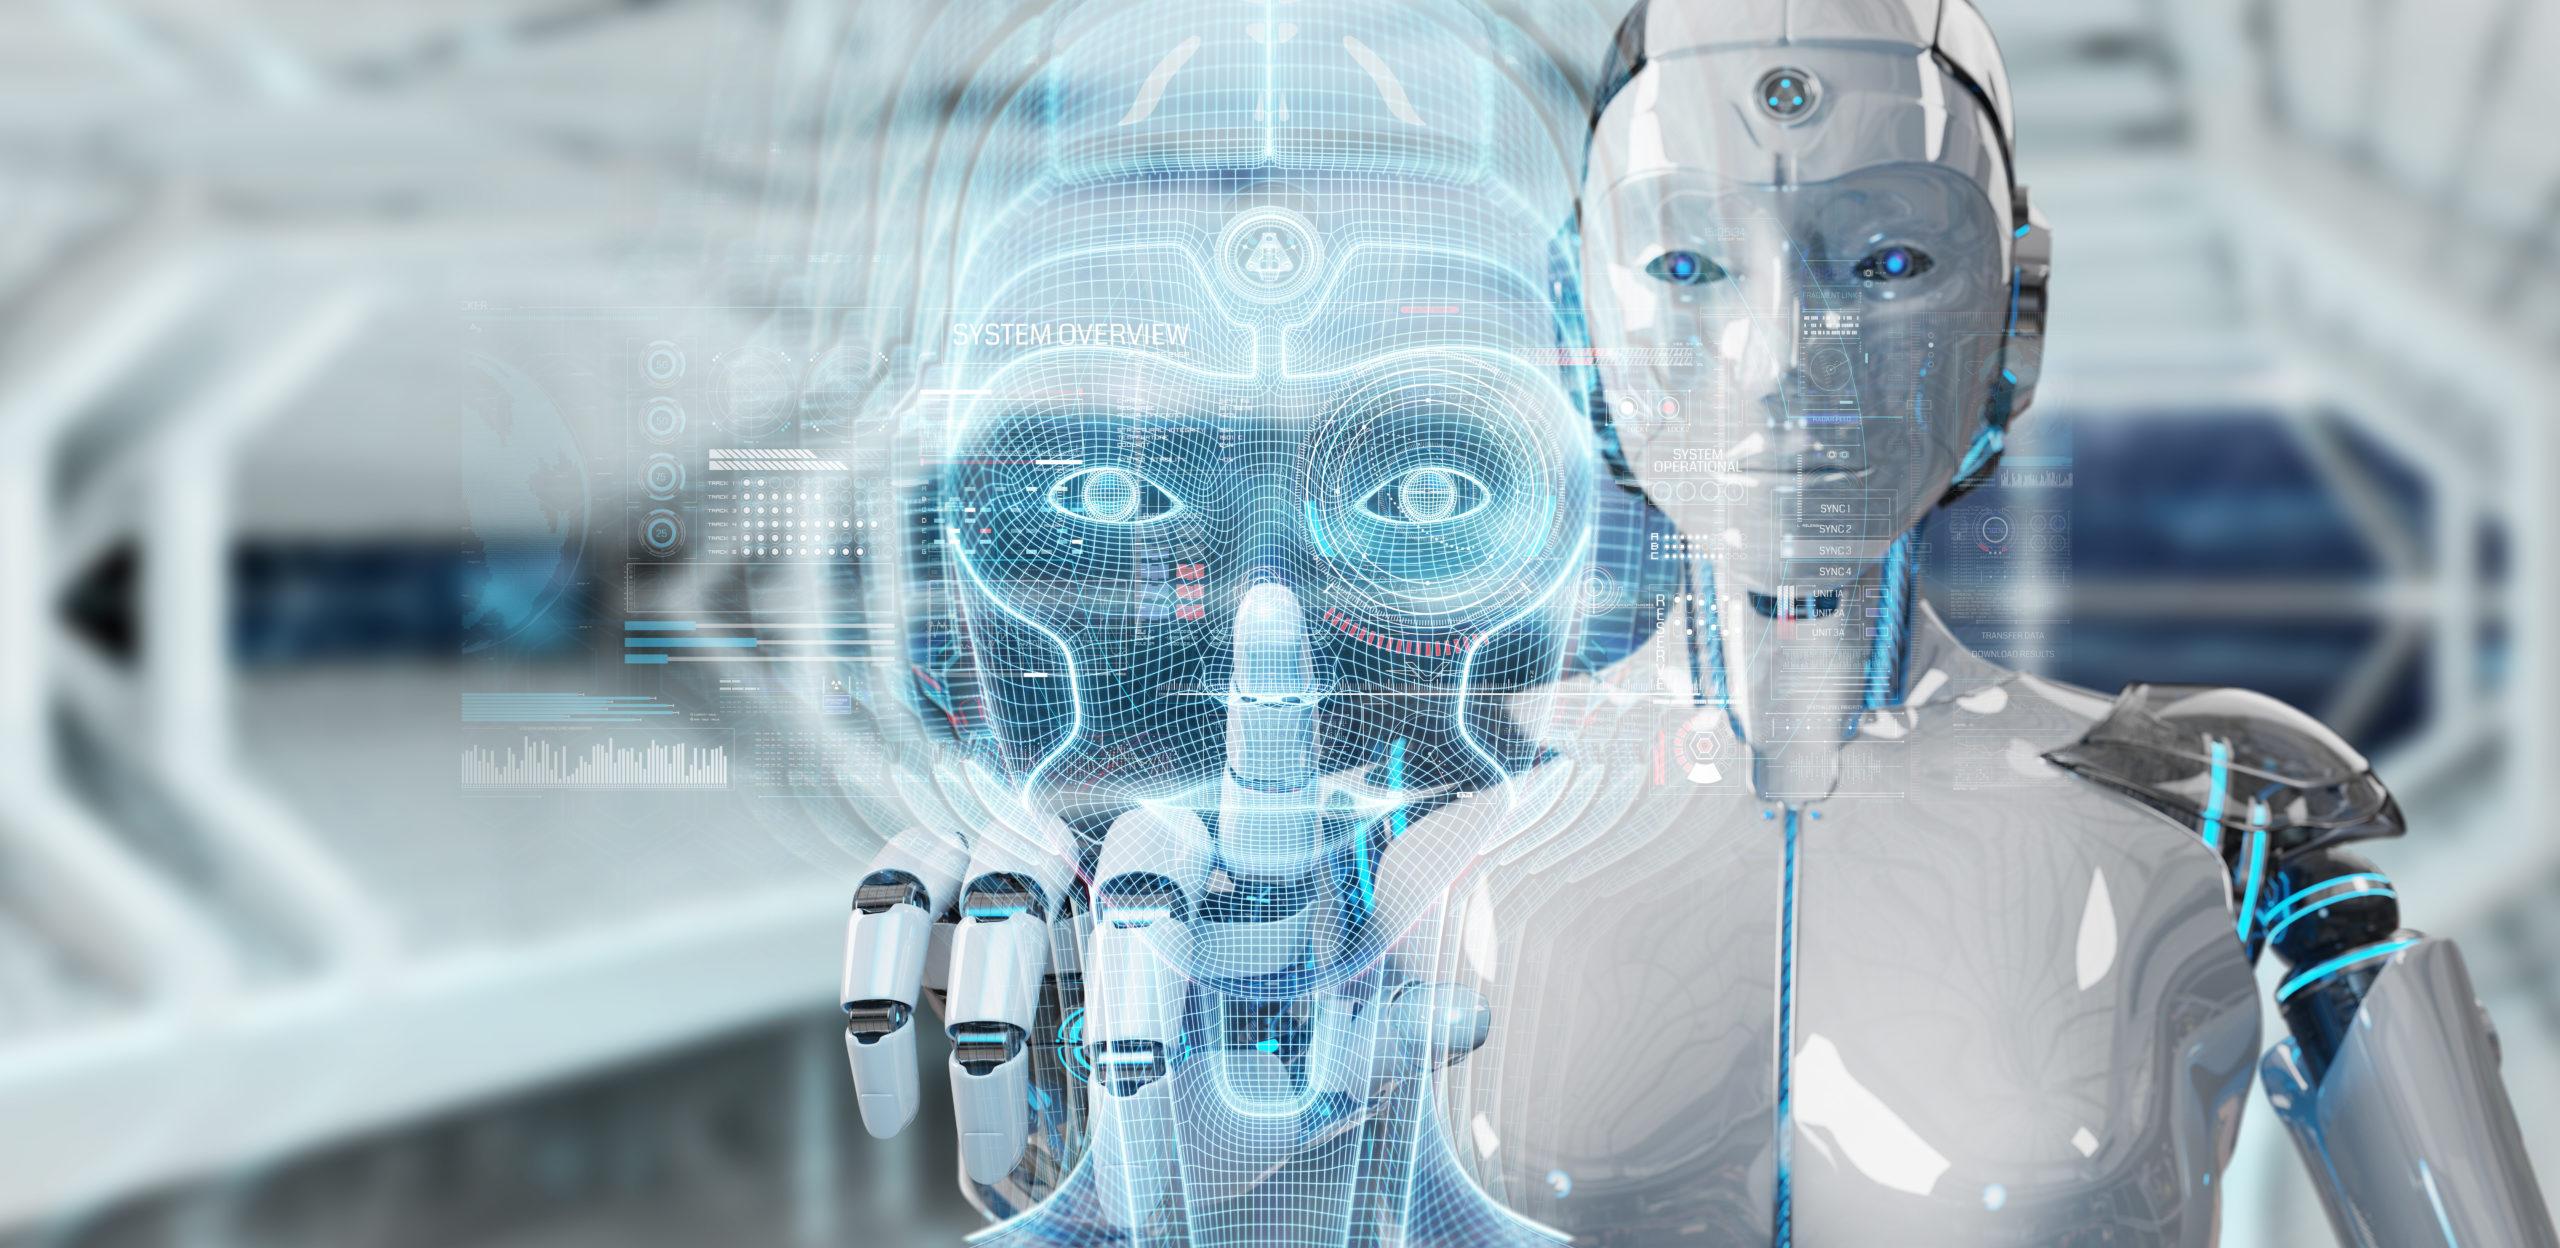 澳洲加入AI全球合作夥伴的標題圖片